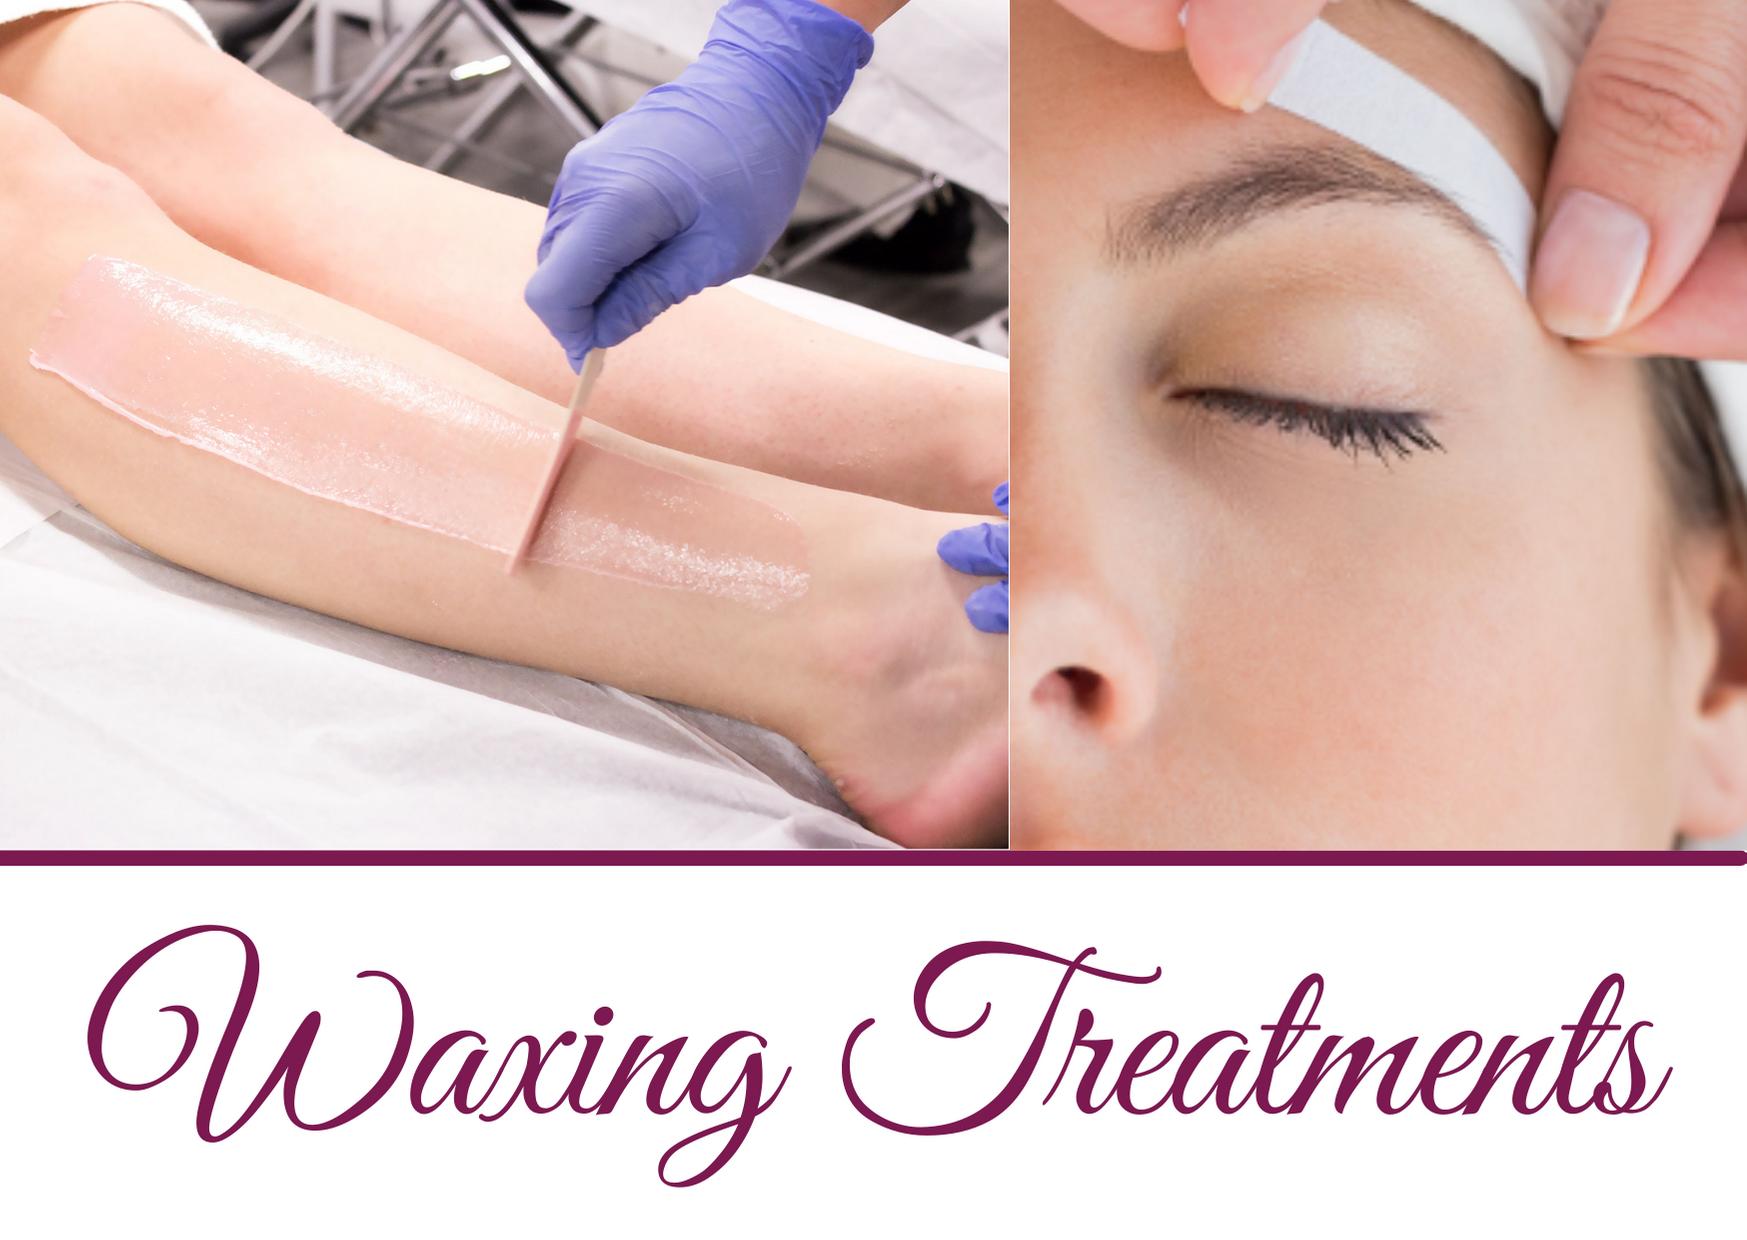 Waxing Treatment header